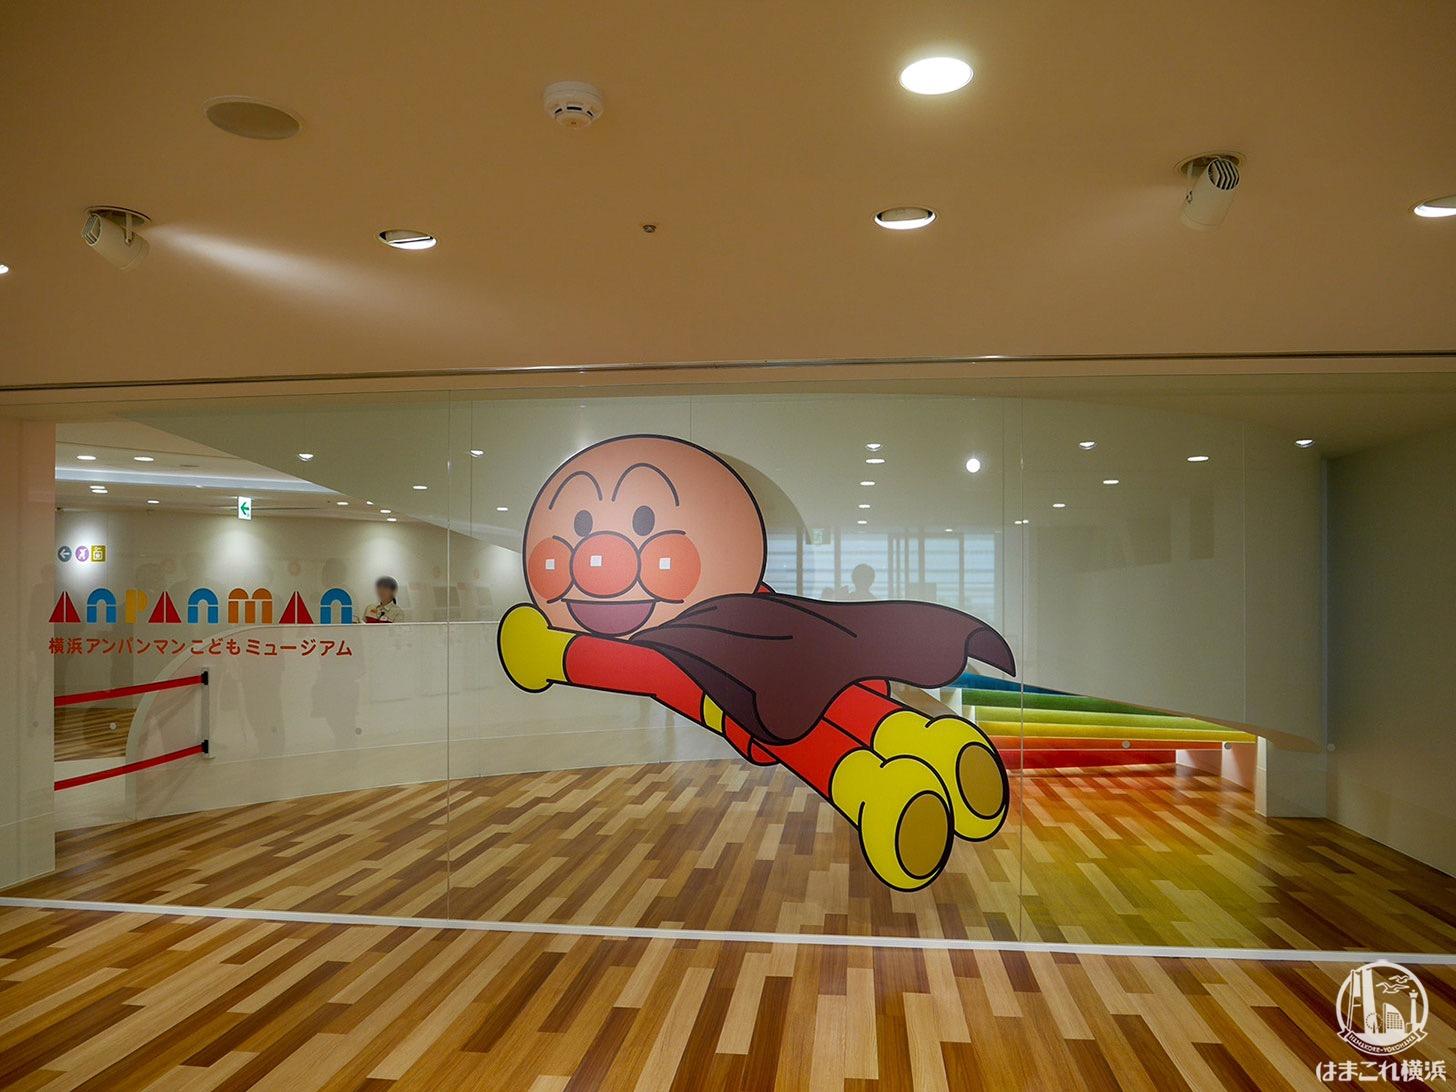 横浜アンパンマンこどもミュージアム 2階ロビー